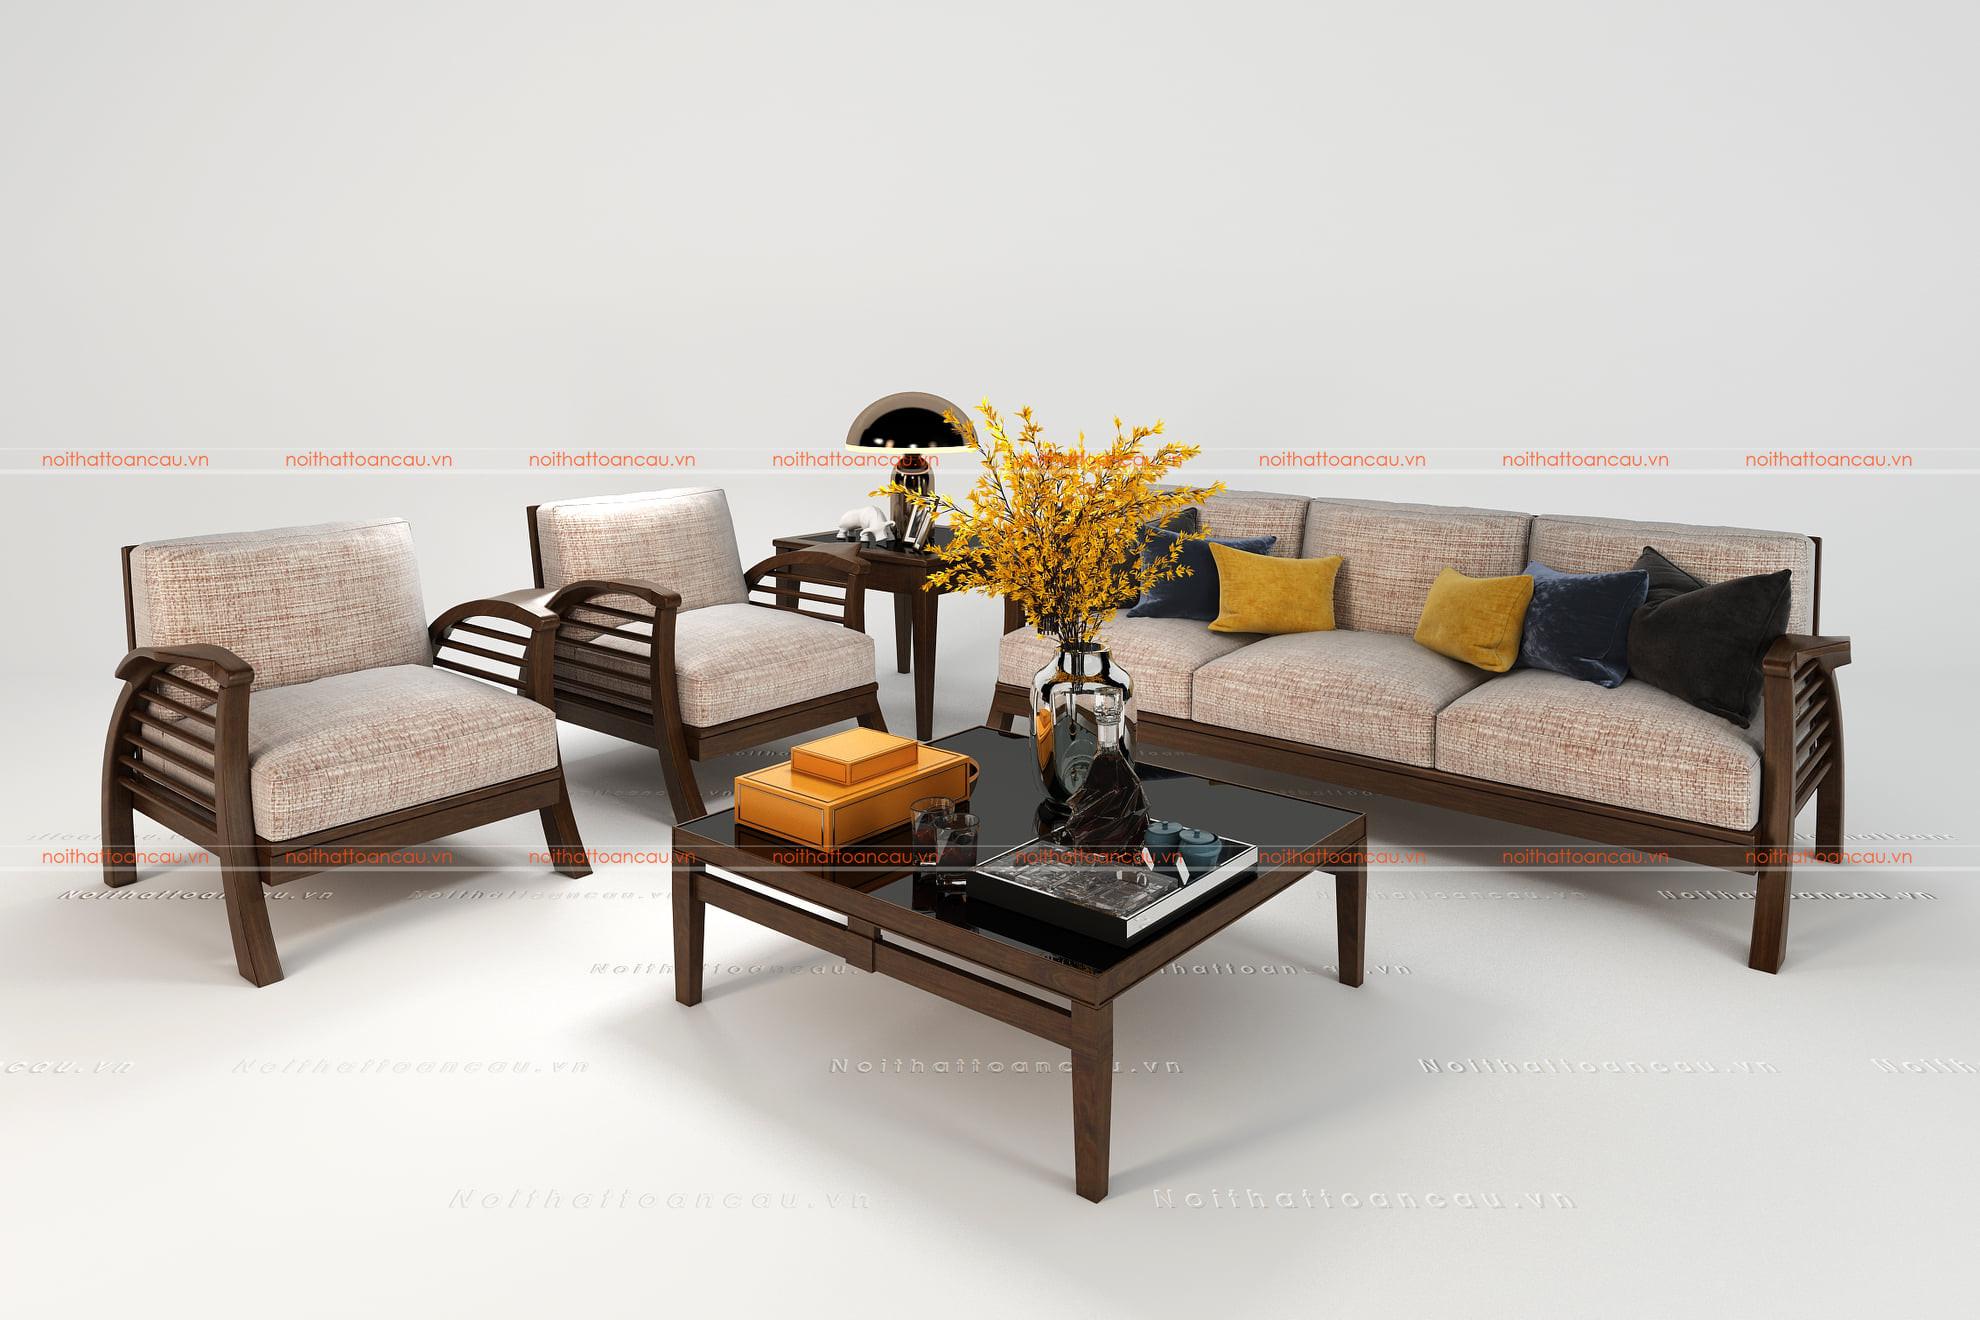 Bàn ghế gỗ gụ hiện đại  4